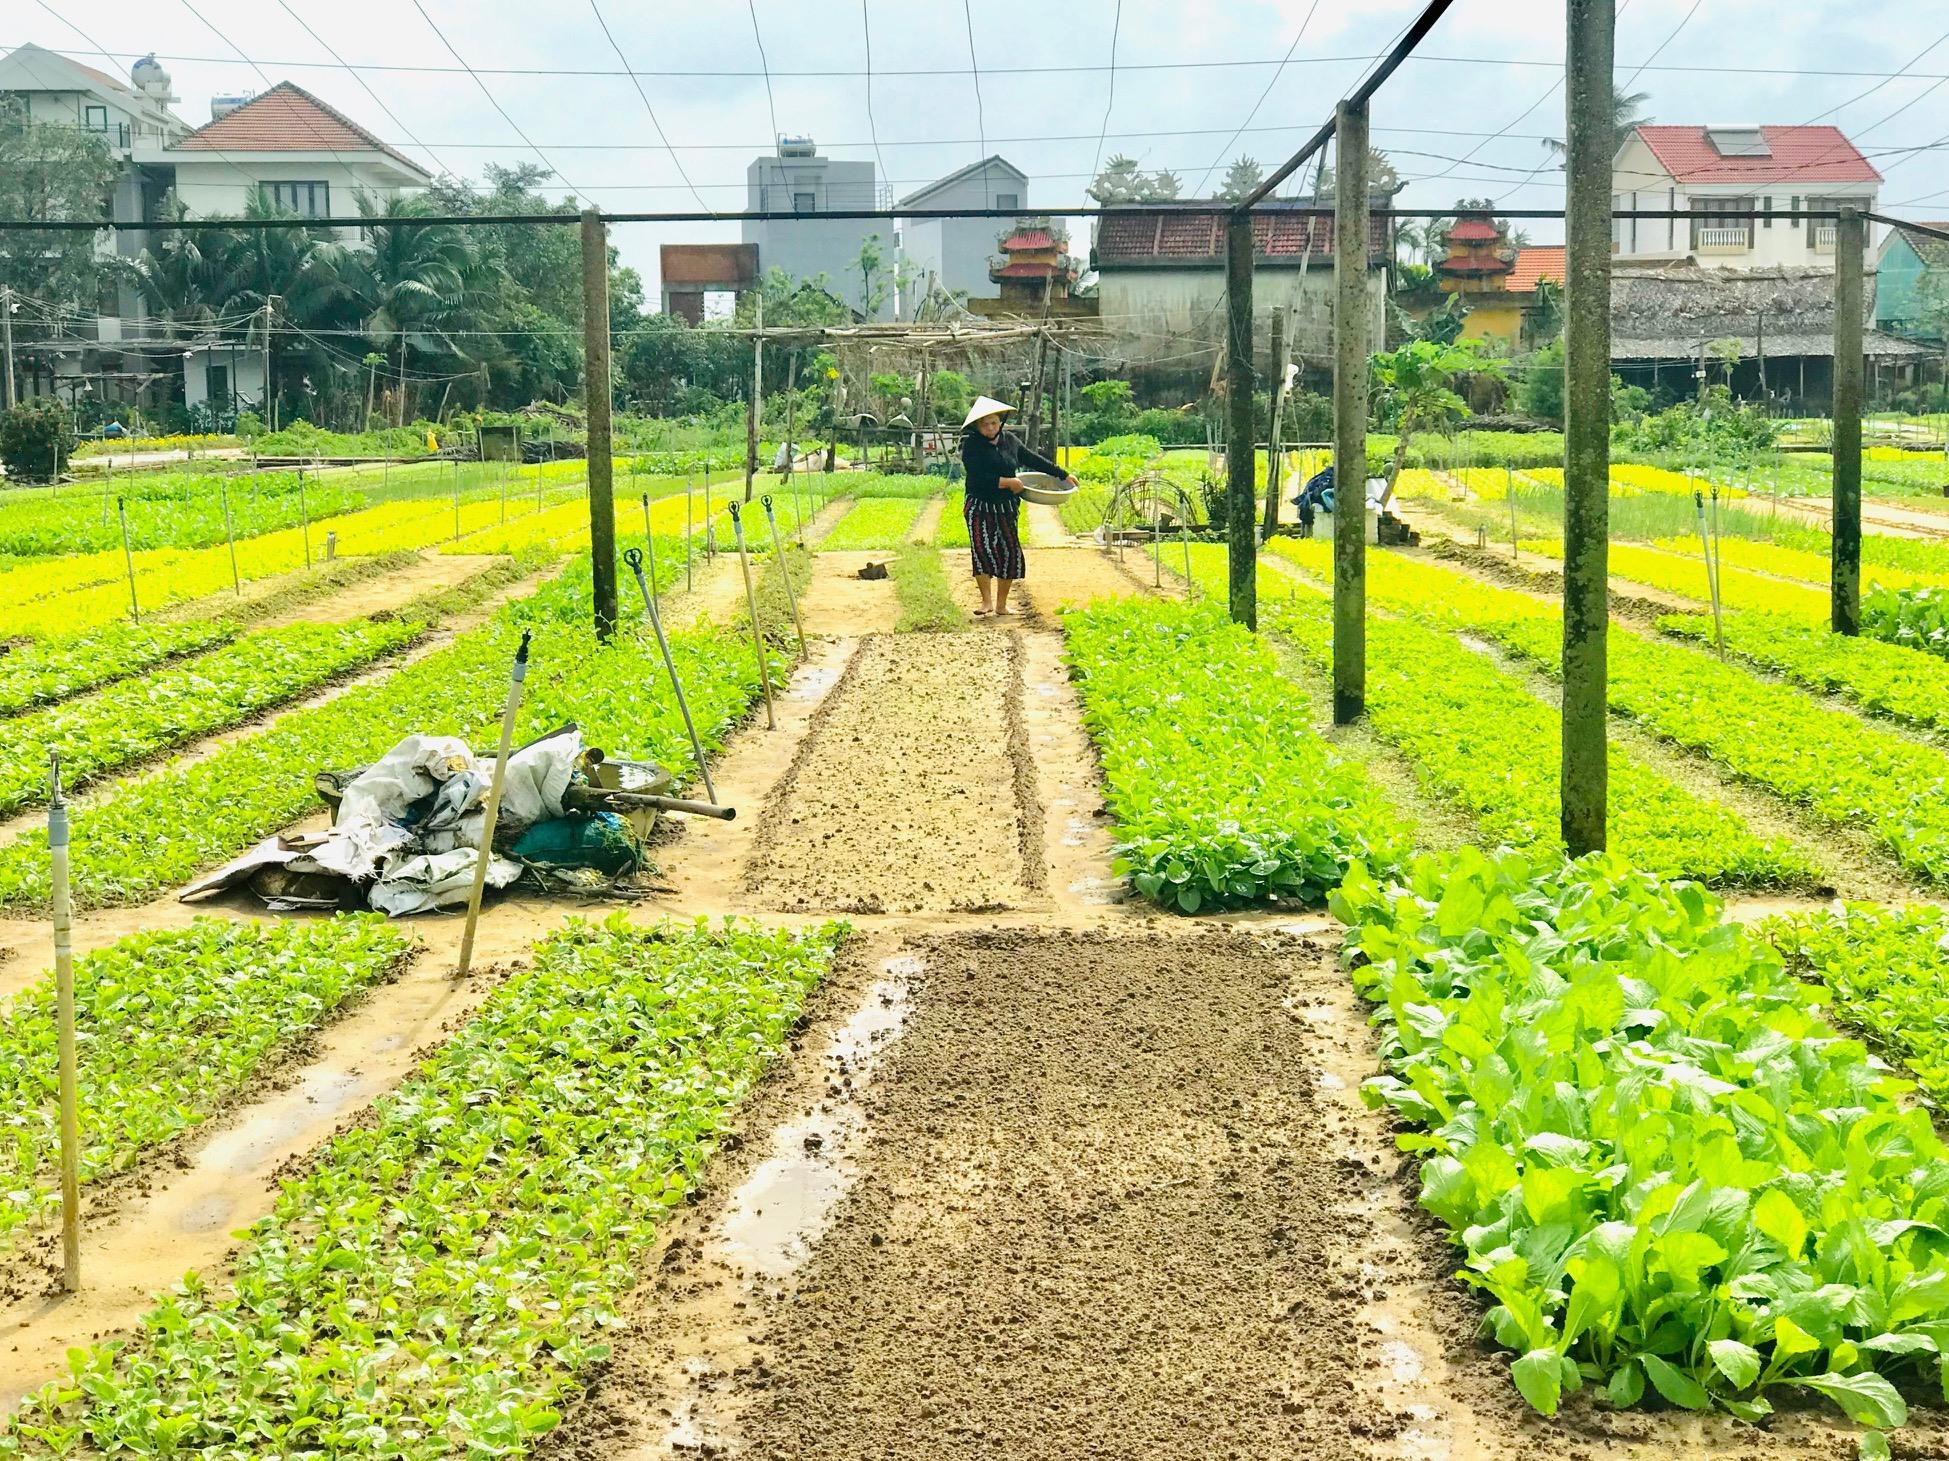 Các hoạt động thương mại, nông nghiệp ở Hội An cũng trông chờ rất lớn vào giá trị tăng thêm từ du lịch. Ảnh: Q.T